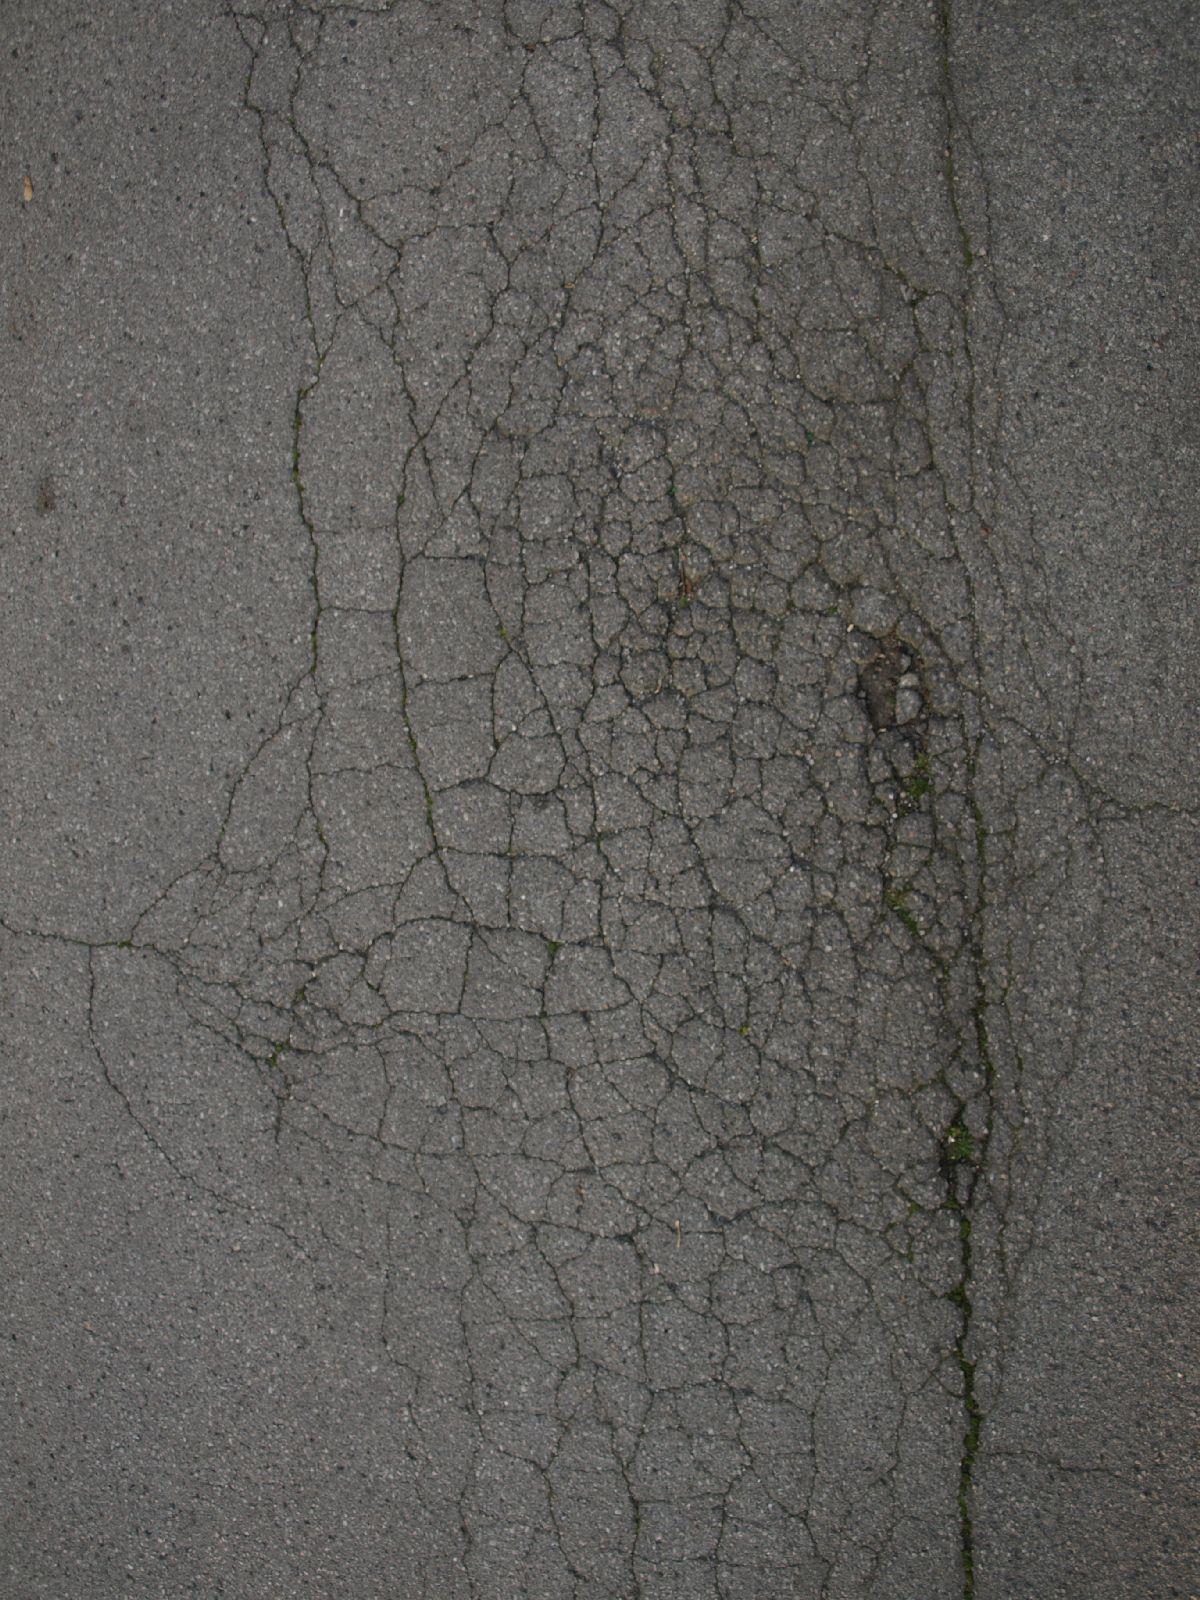 Boden-Gehweg-Strasse-Buergersteig-Textur_A_P9285591